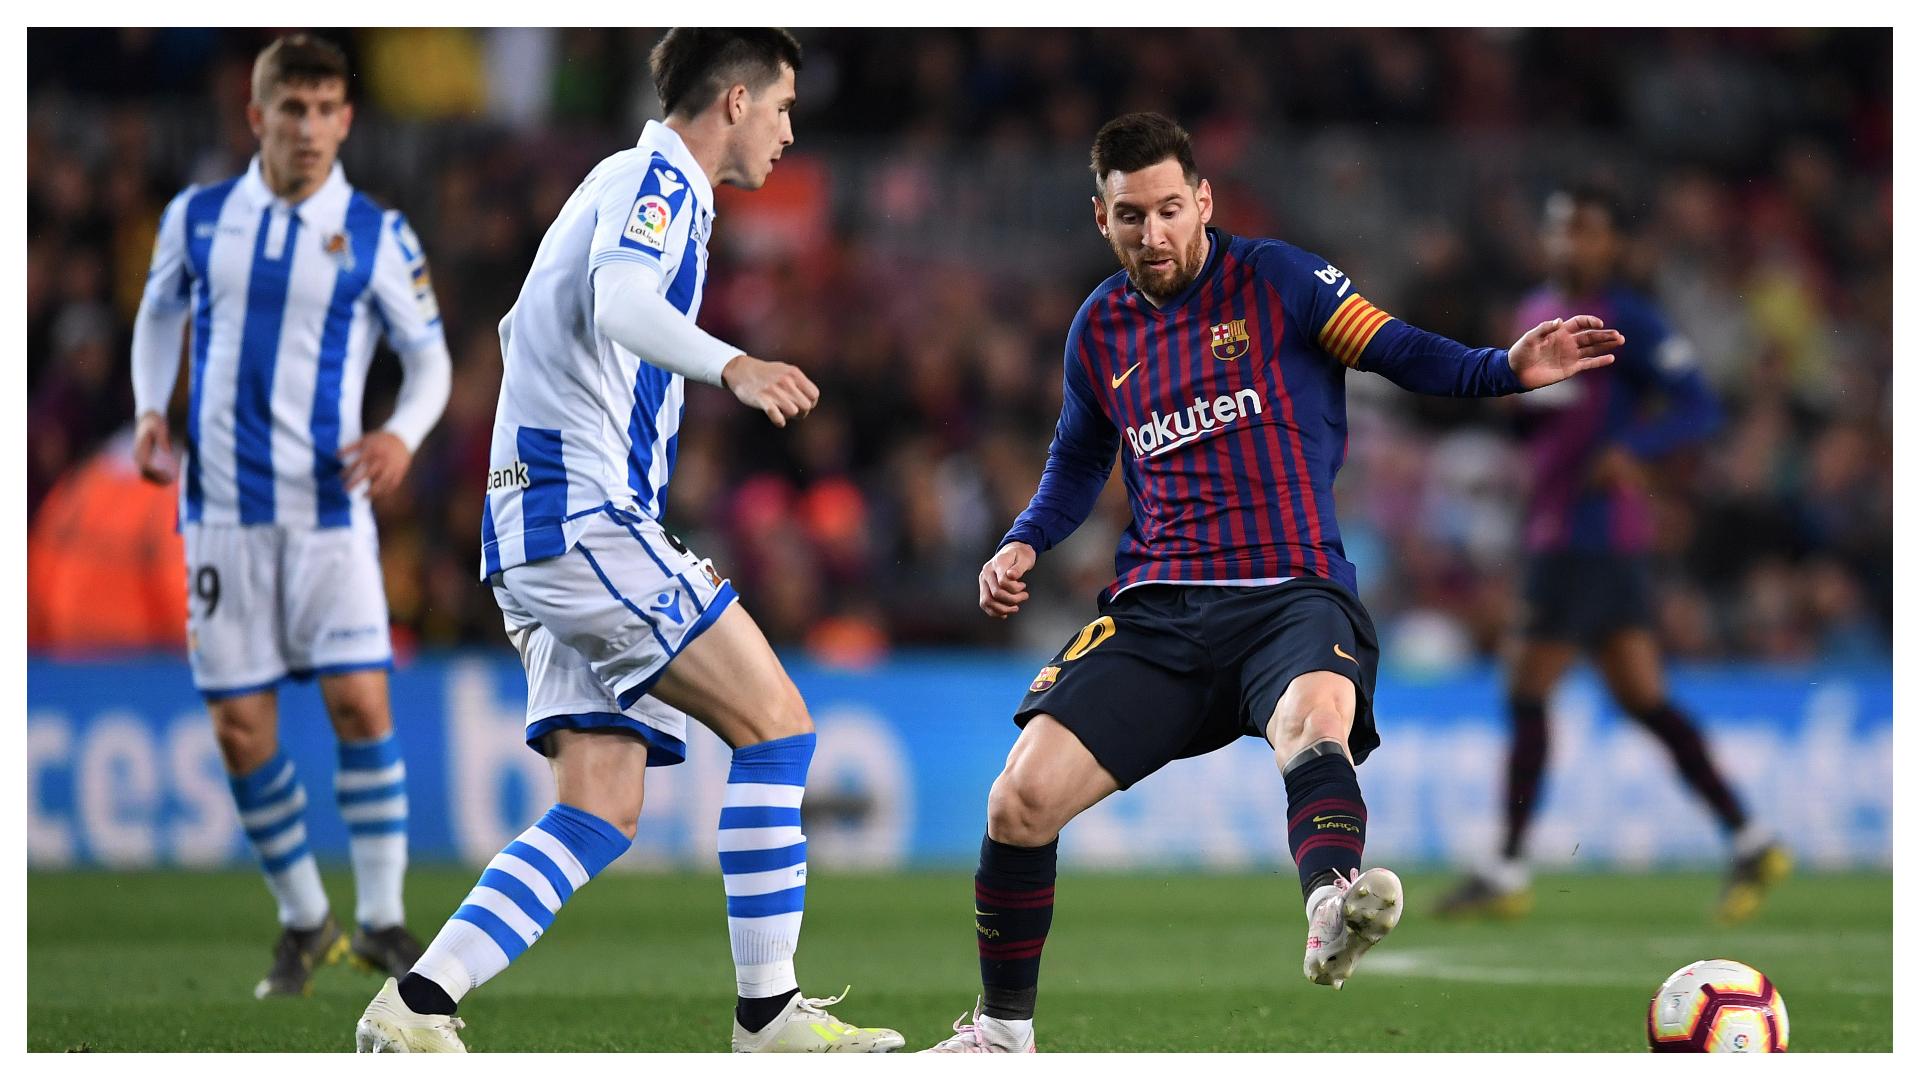 Sergio Busquets au repos, Ousmane Dembélé titulaire — Barça-Real Sociedad